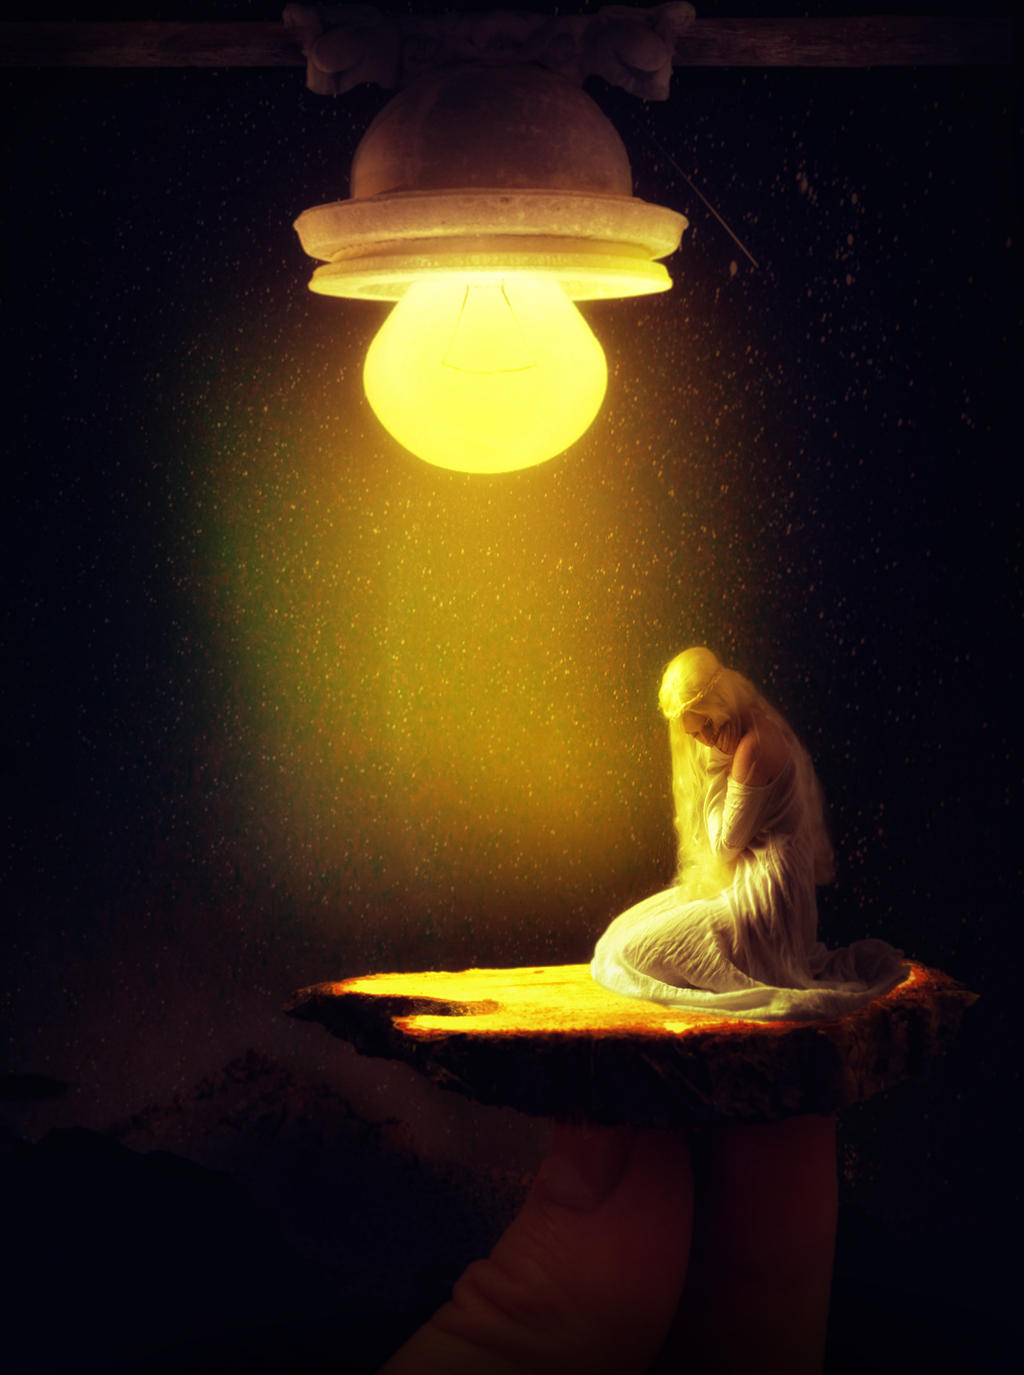 Let it Shine by Korbaach